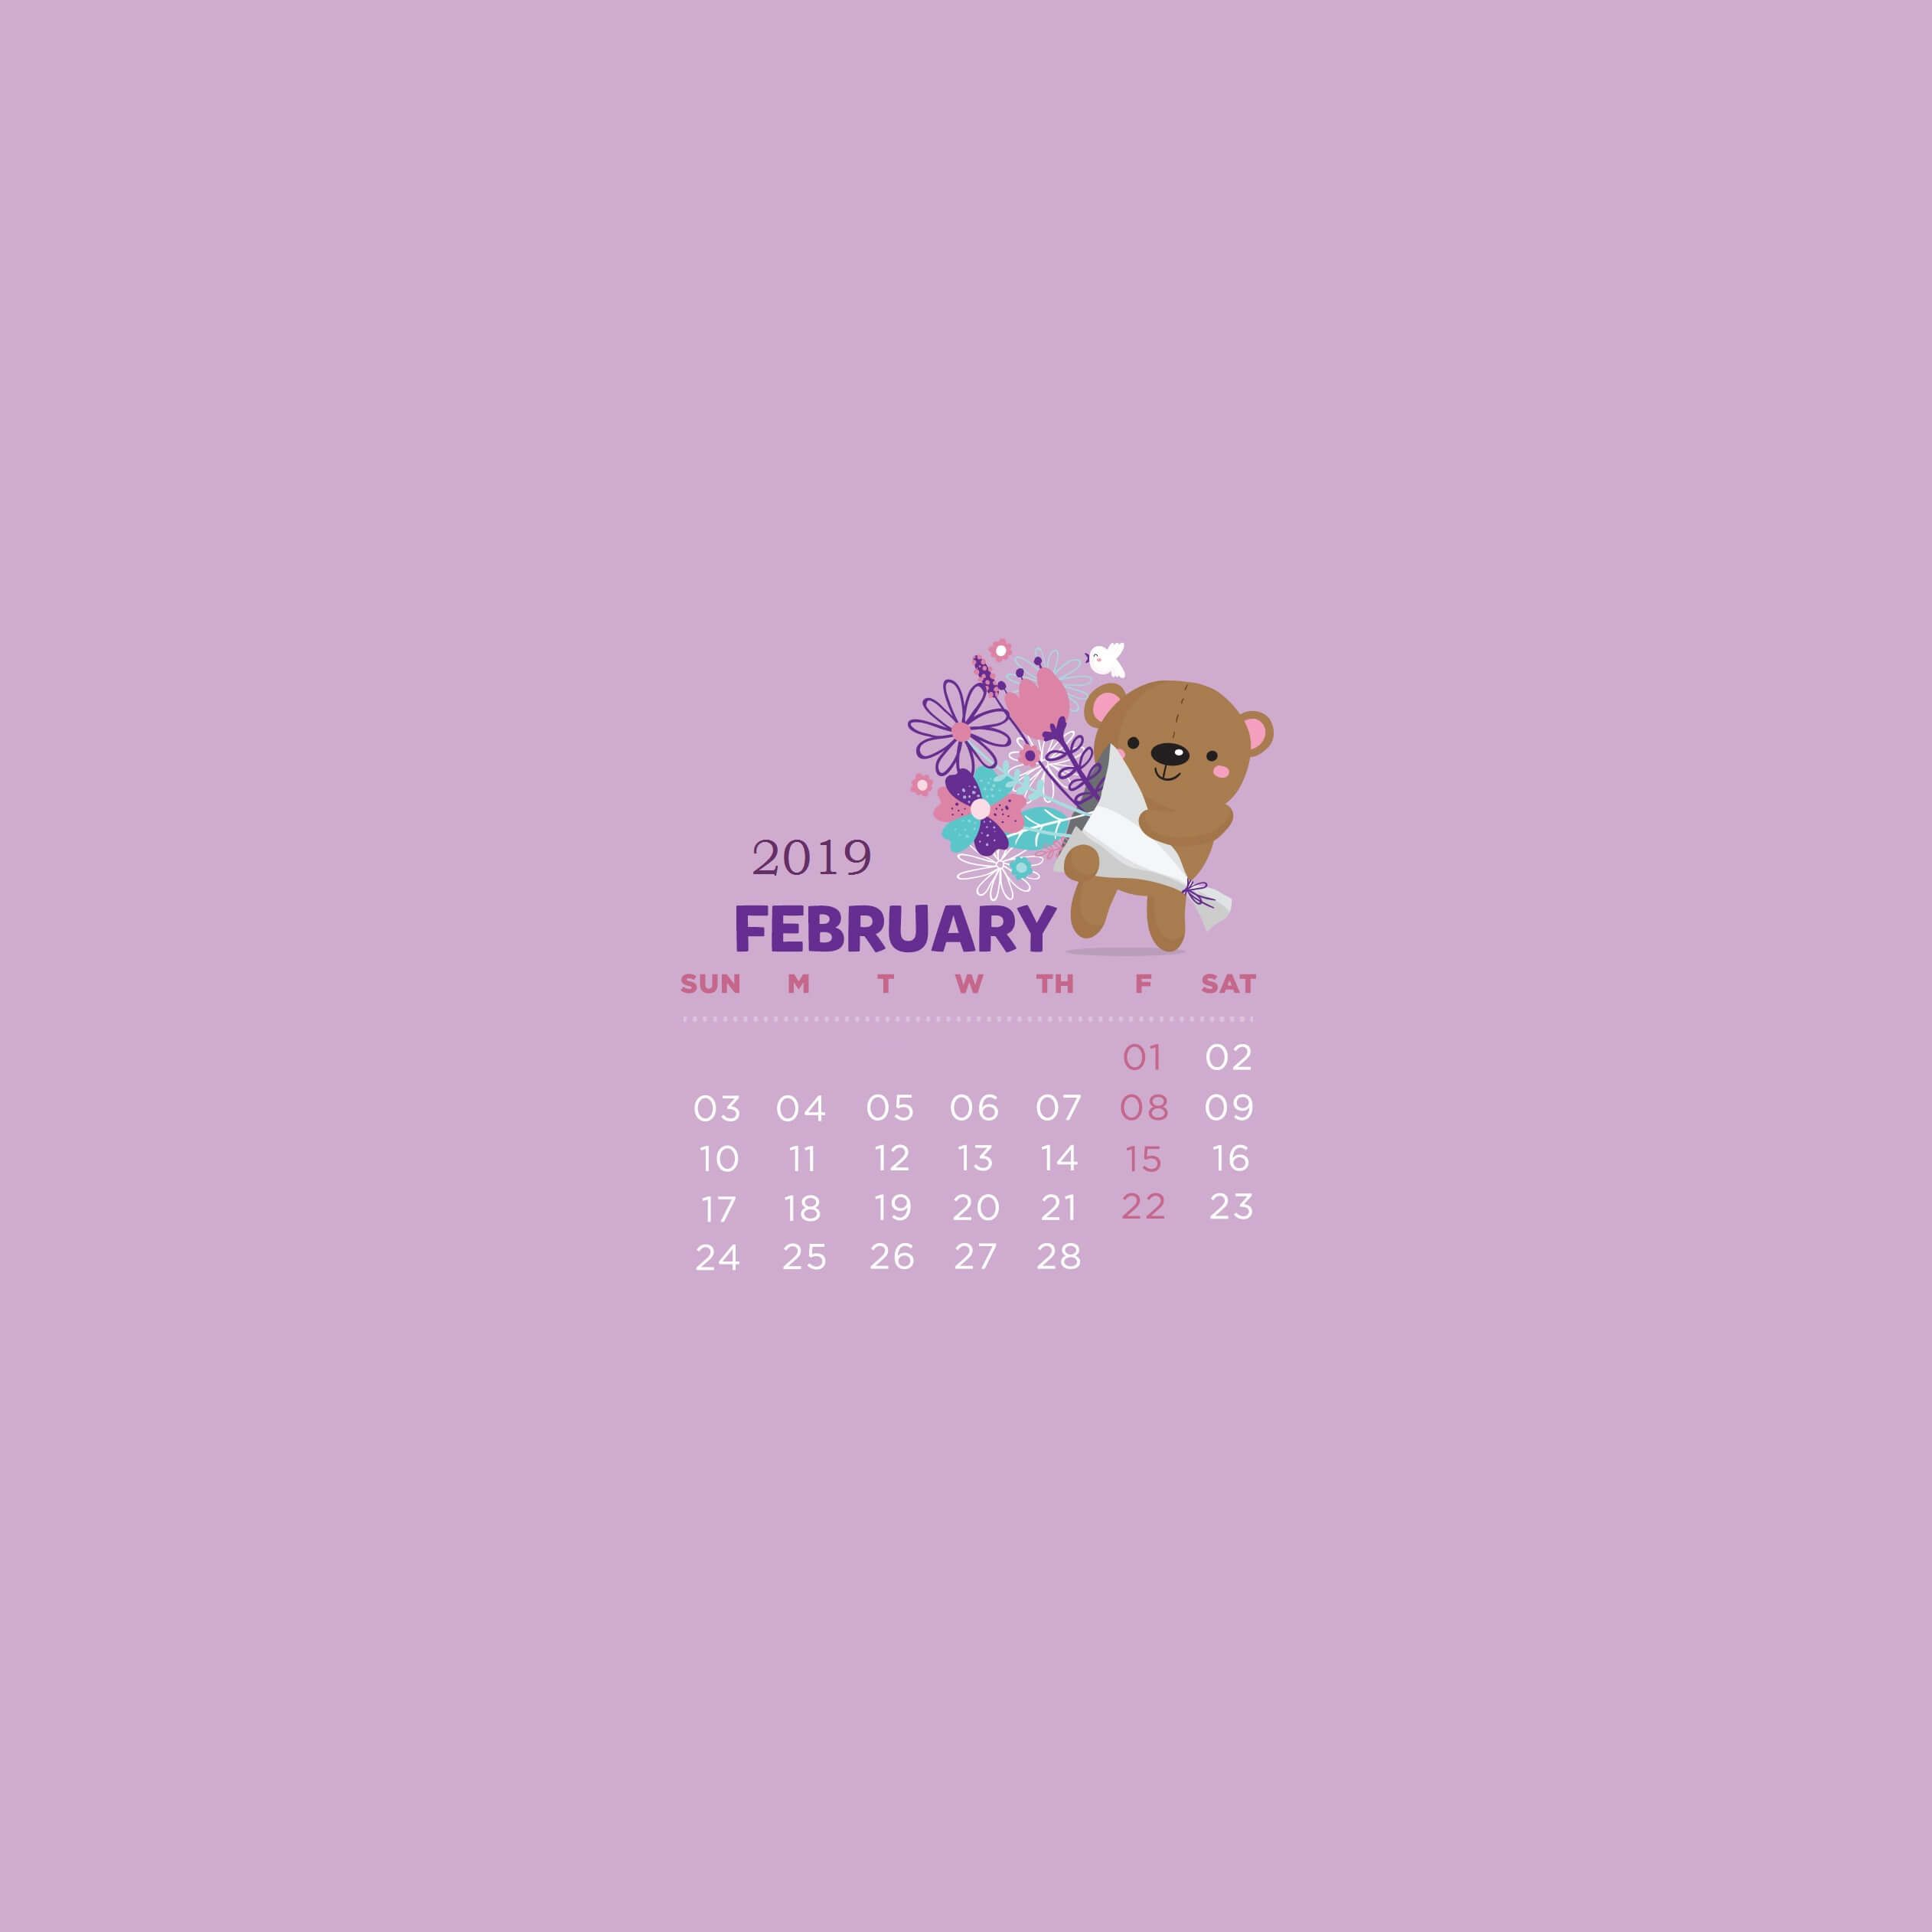 Beautiful February 2019 Calendar Beautiful February 2019 Calendar Wallpaper #February2019